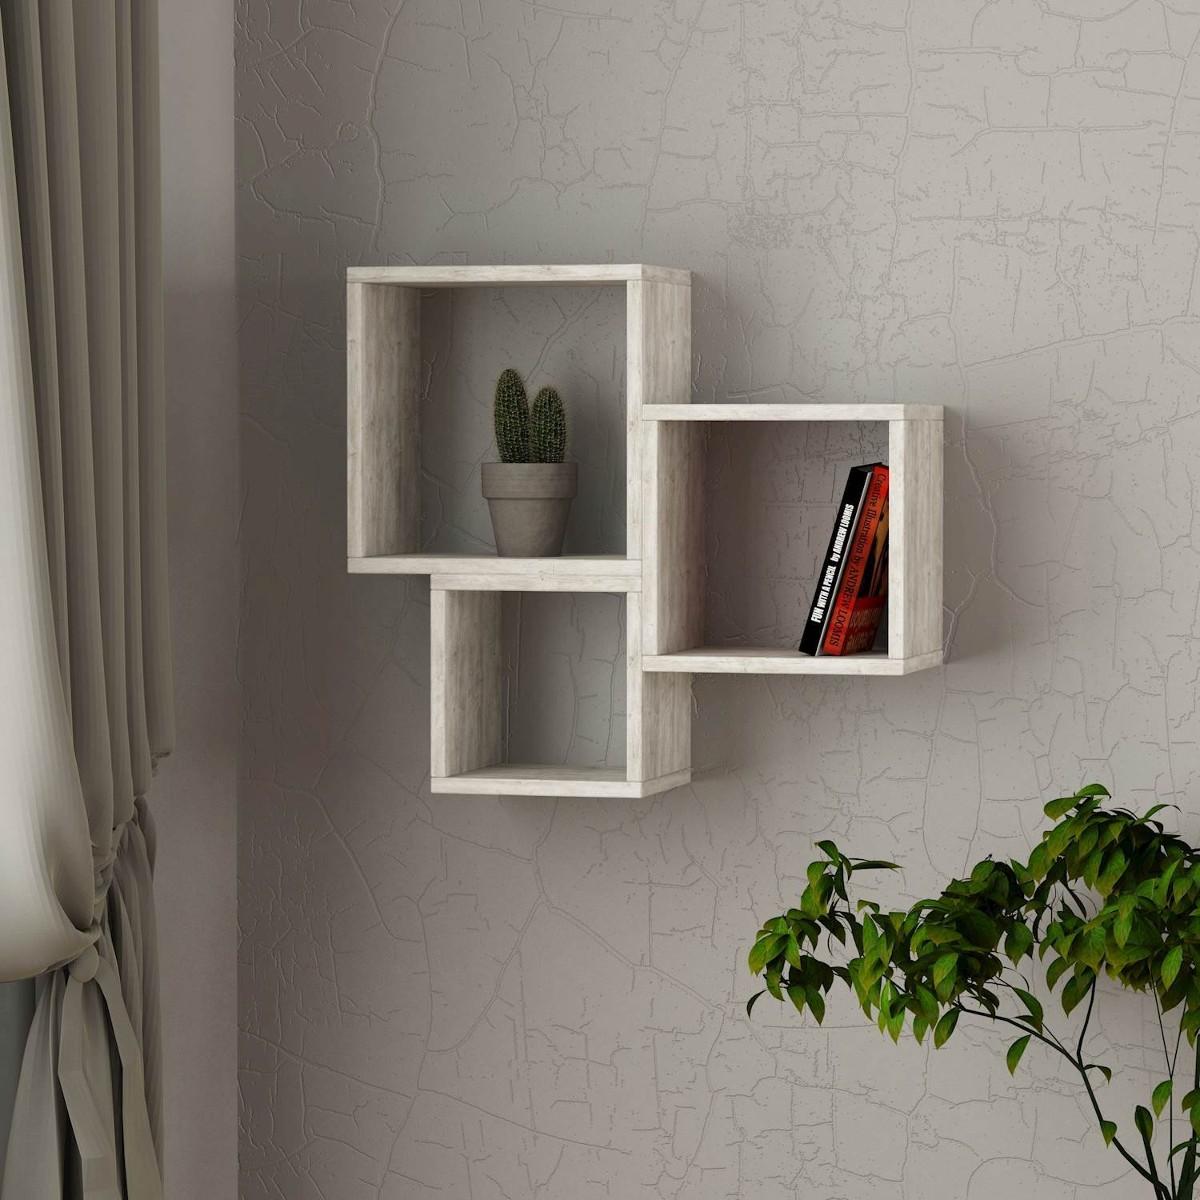 Isolda mensola libreria cubo a parete muro in melaminico for Arredamento mensole a parete